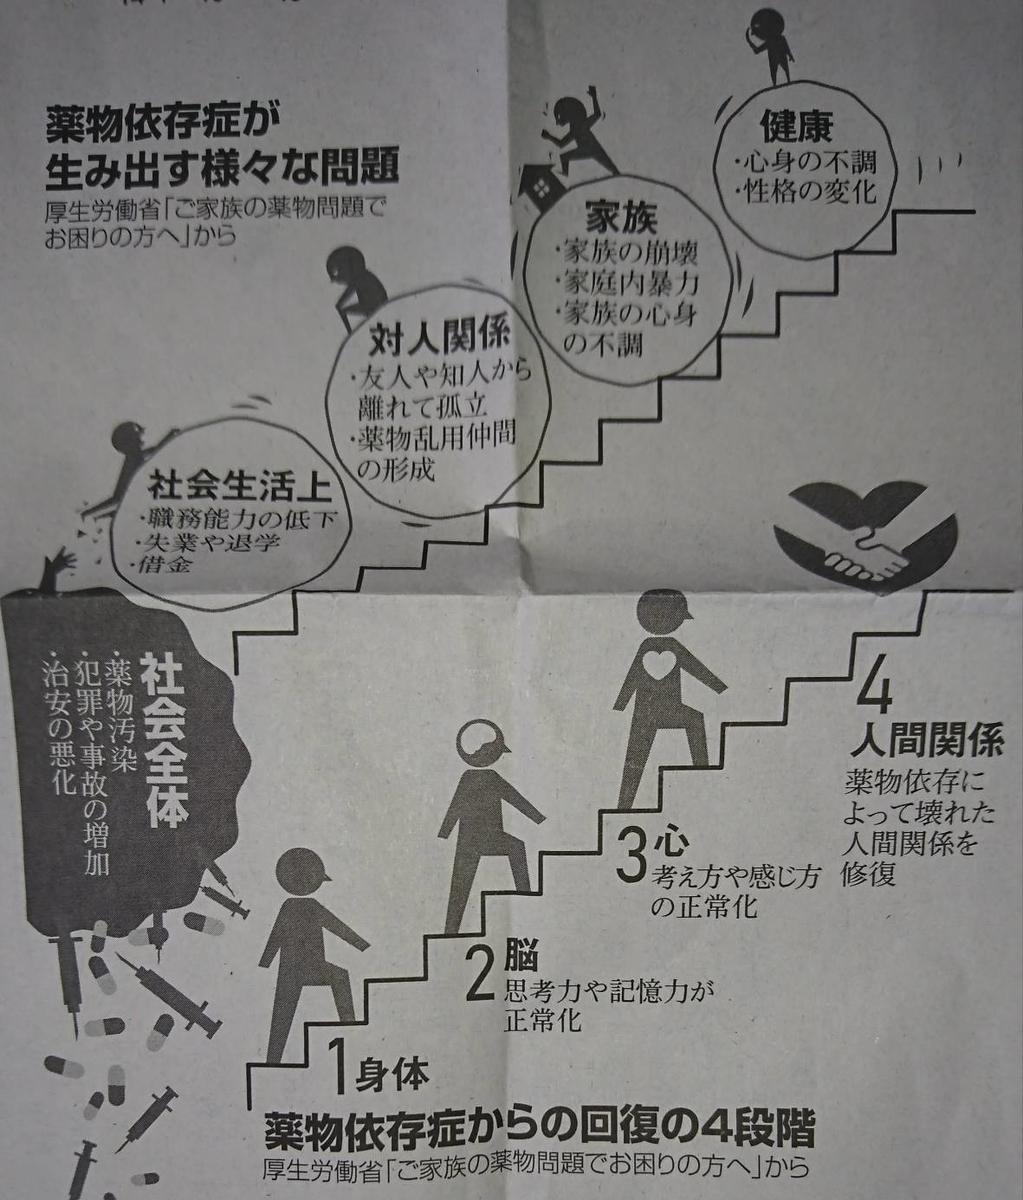 f:id:kazura-kobayashi:20200719154547j:plain